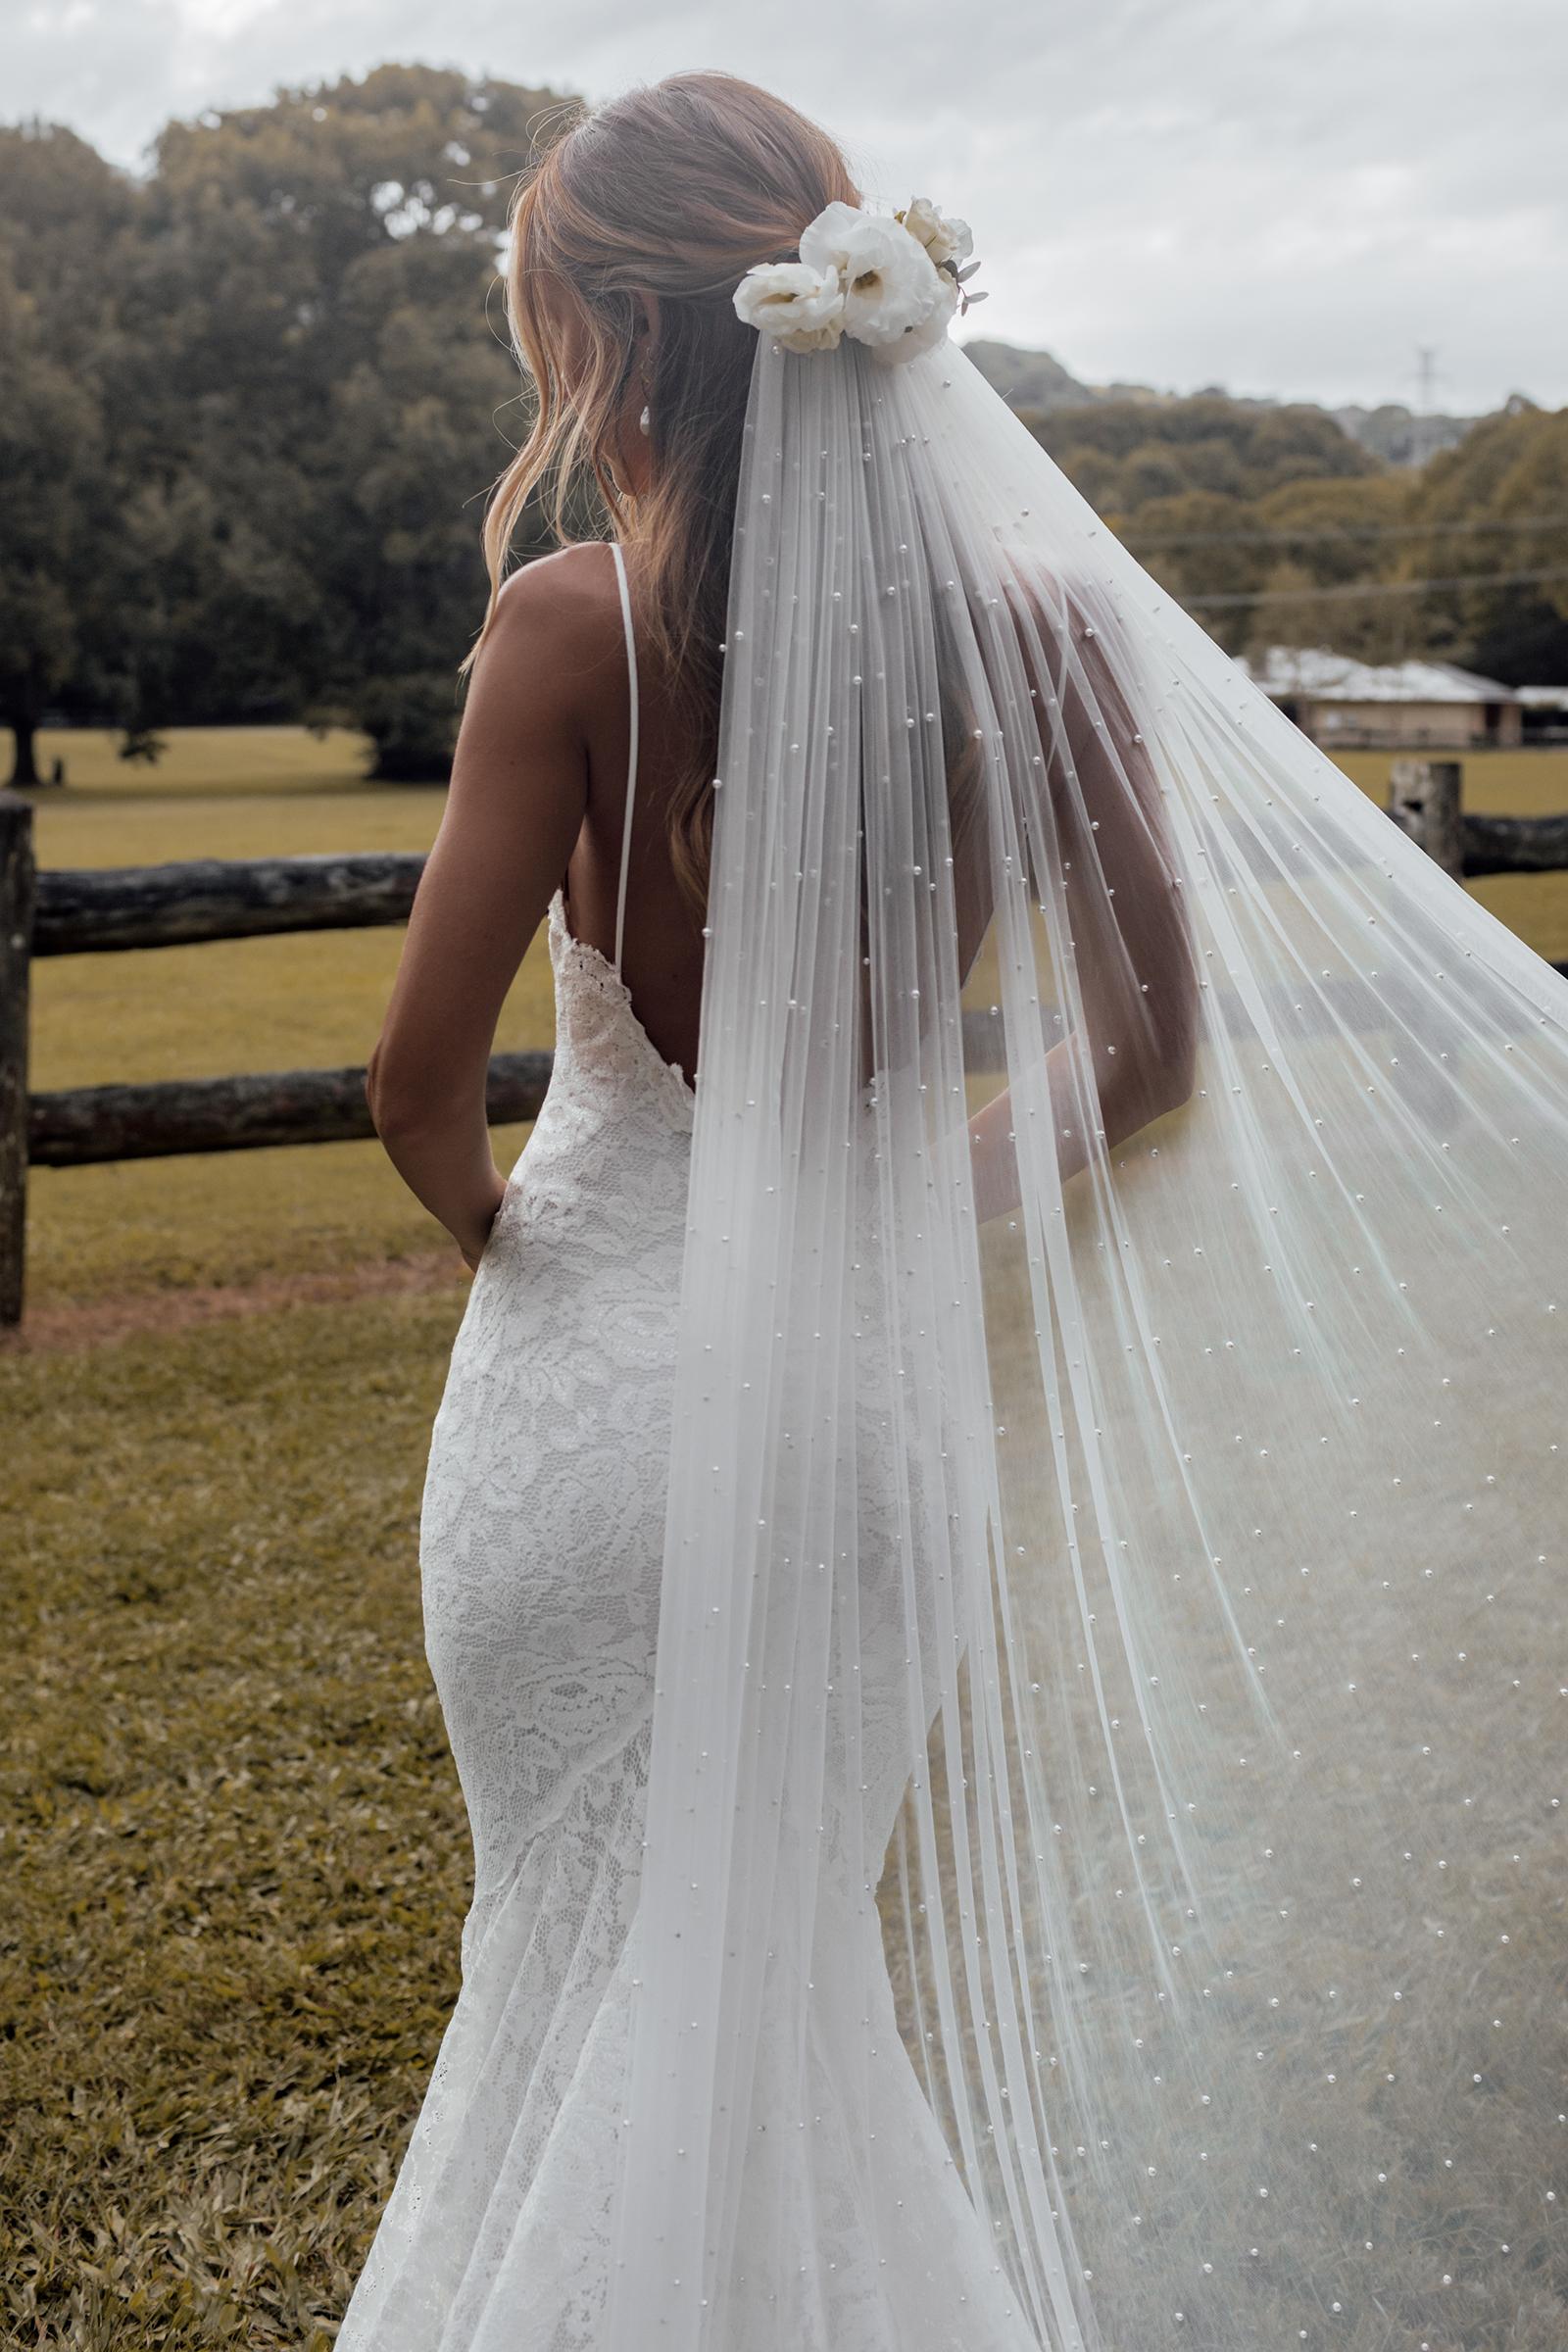 Veils and Hair